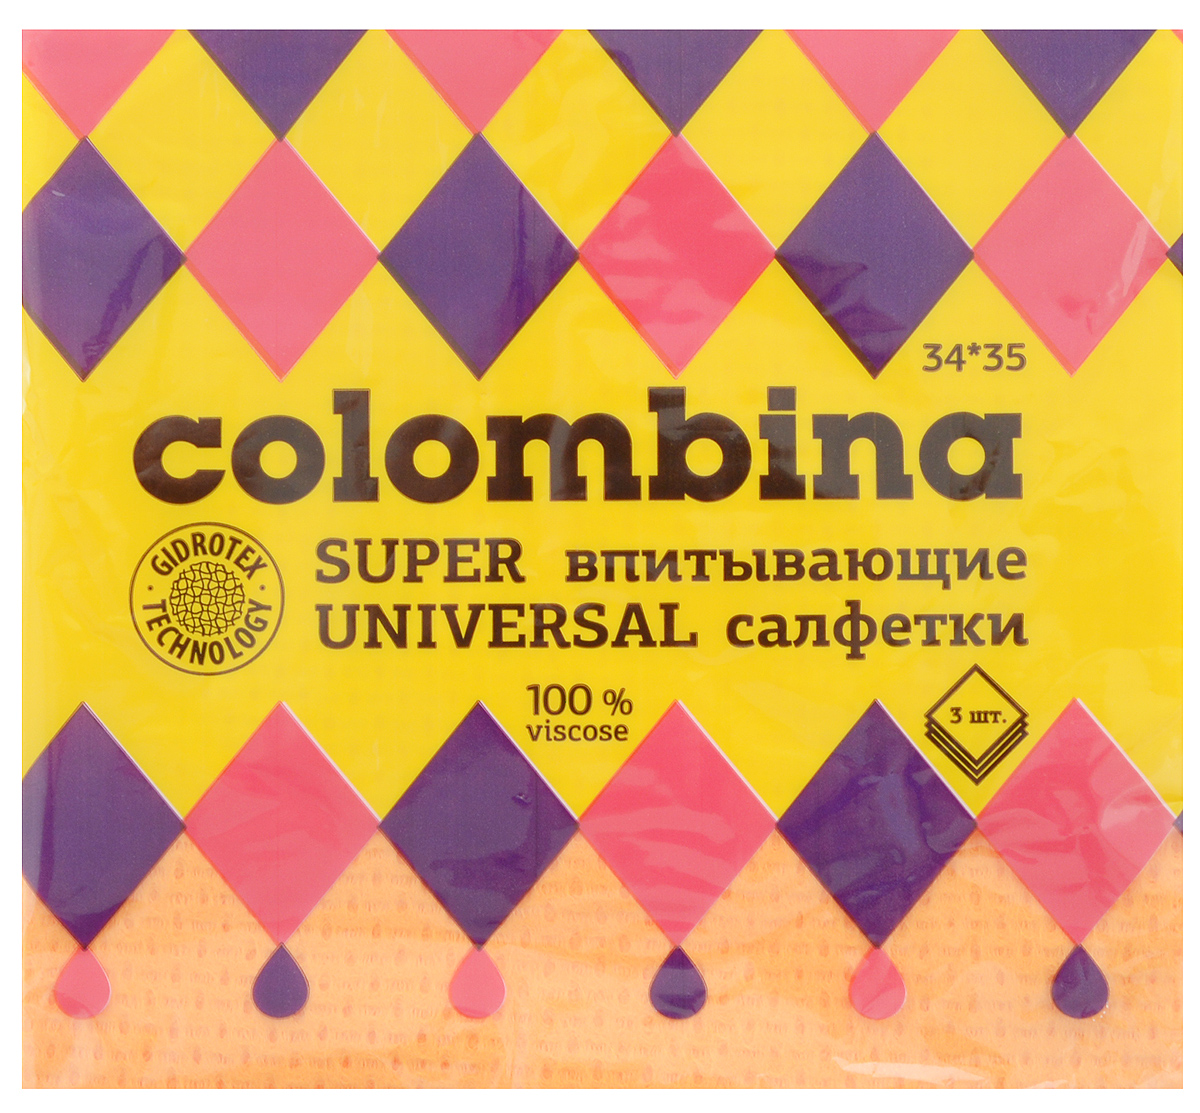 Набор салфеток Colombina Universal, супервпитывающие, цвет: оранжевый, 34 х 35 см, 3 штК2.1_оранжевыйСалфетки Colombina Universal состоят из 100% вискозы без добавления синтетики. Изделия предназначены для сухой и влажной уборки. Отлично впитывают жидкости, жиры, масла. Пригодны для многоразового использования, долговечны, не оставляют следов и ворсинок. Приятные на ощупь, не вызывают раздражения и гипоаллергенны. Размер салфетки: 34 х 35 см.